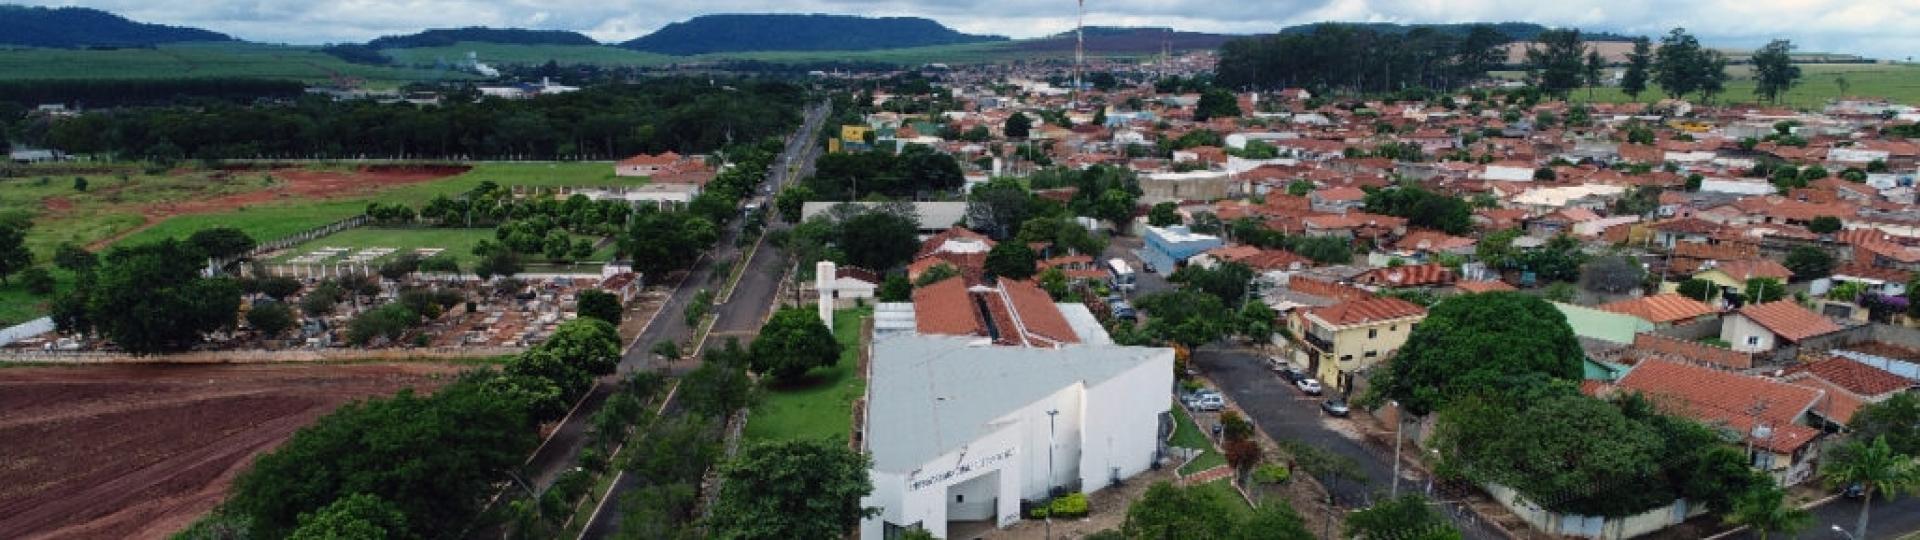 Luiz Antônio: a cidade nota 10